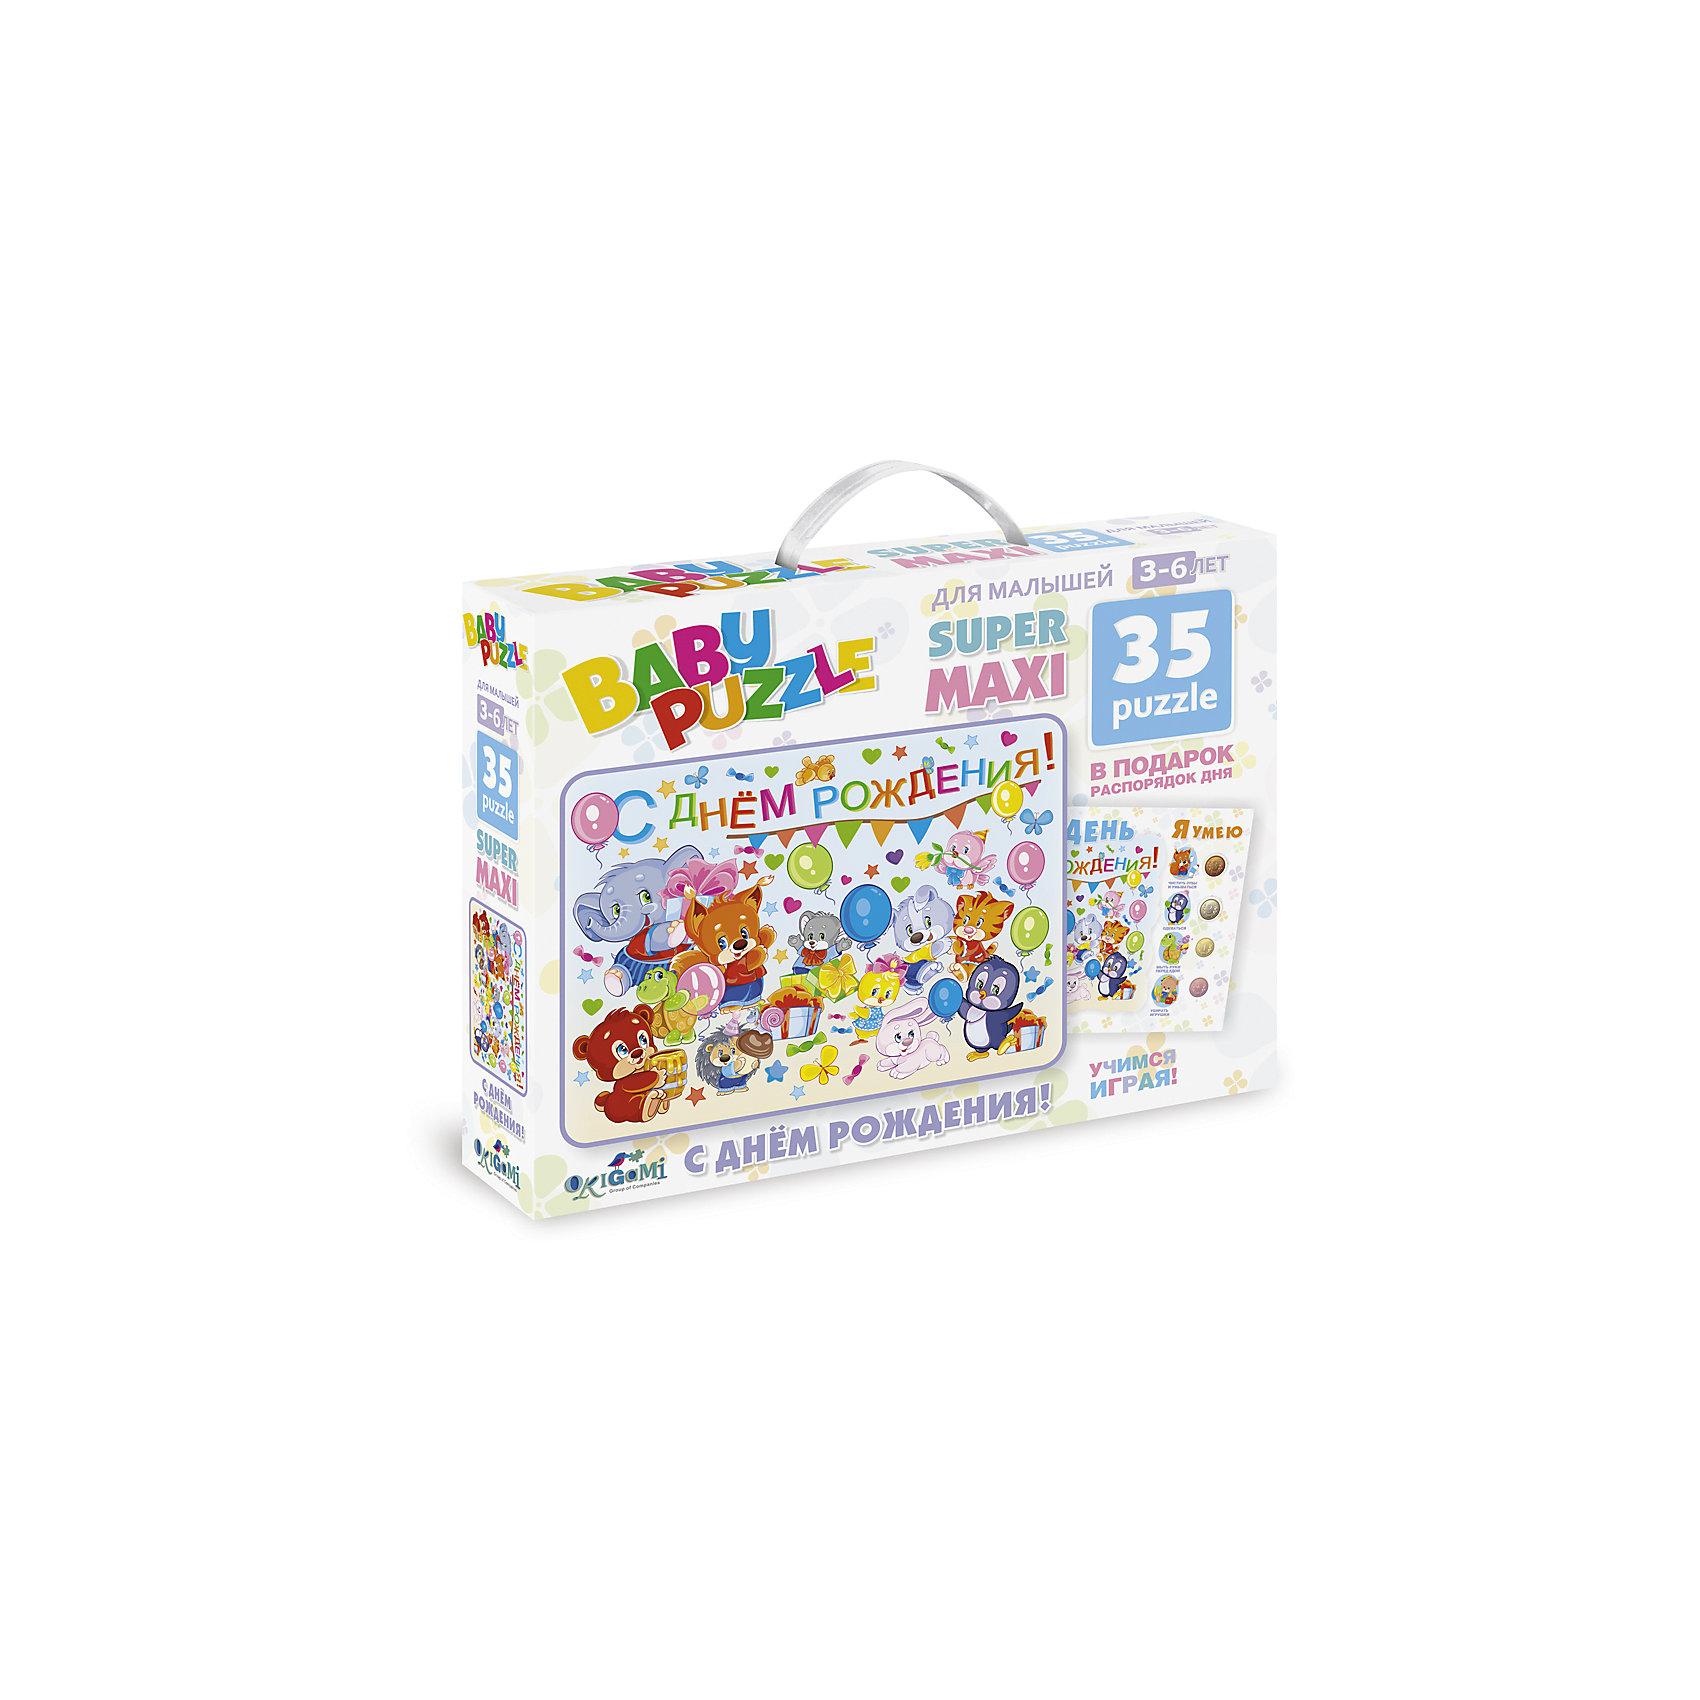 Пазл С днем рождения! с плакатом Мой день, OrigamiПазлы для малышей<br>Пазл С днем рождения! с плакатом Мой день, Origami<br><br>Характеристики:<br><br>• В набор входит: пазл, распорядок дня, медали (4 шт.)<br>• Количество деталей: 35 шт.<br>• Размер упаковки: 23 * 5 * 18 см.<br>• Состав: картон<br>• Вес: 150 г.<br>• Для детей в возрасте: от 3 до 6 лет<br>• Страна производитель: Россия<br><br>Крупные детали пазла отлично собираются, благодаря чётким разделениям частей по цвету сборка этого пазла не будет сложной. Кроме обычной сборки, пазл можно использовать для развития речи и кругозора малыша, научить его рассказывать о животных, о том, как проходит день рождения. С плакатом распорядка дня и четырьмя медалями можно составлять и планировать дни, оценивая насколько успешно они проходят. <br><br>Пазл С днем рождения! с плакатом Мой день, Origami можно купить в нашем интернет-магазине.<br><br>Ширина мм: 230<br>Глубина мм: 50<br>Высота мм: 180<br>Вес г: 150<br>Возраст от месяцев: 36<br>Возраст до месяцев: 72<br>Пол: Унисекс<br>Возраст: Детский<br>SKU: 5528445